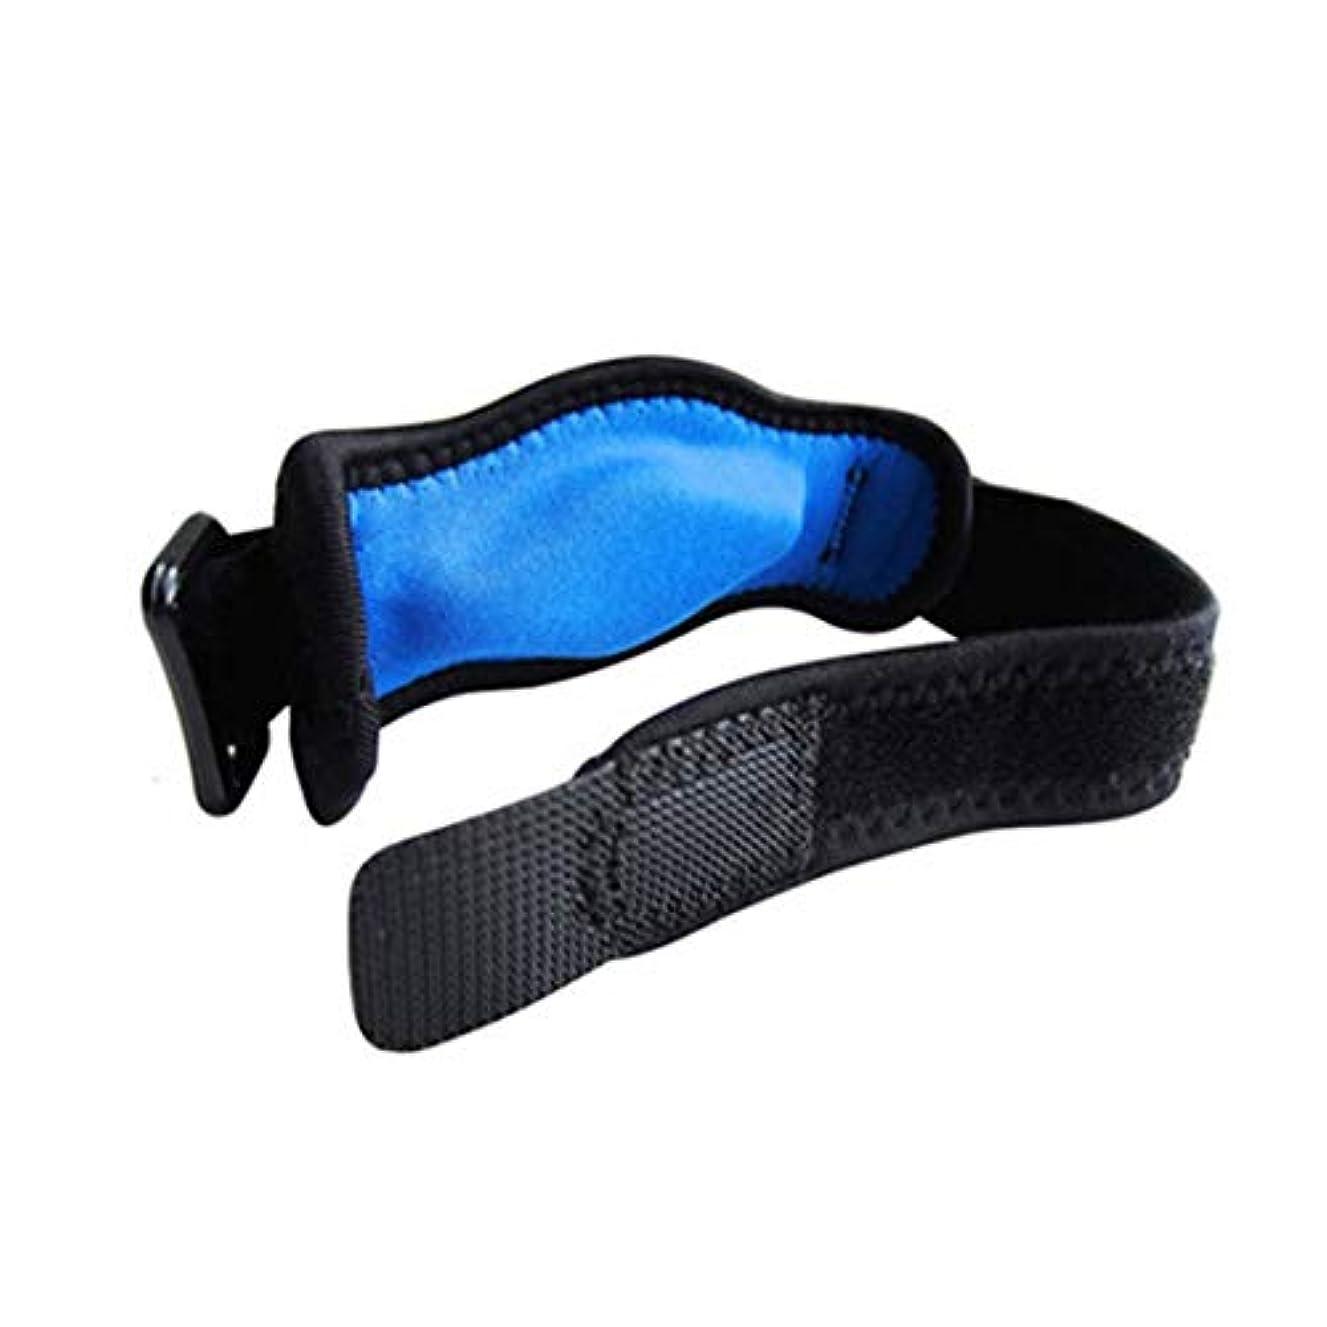 まぶしさ模索注釈を付ける調節可能なテニス肘サポートストラップブレースゴルフ前腕痛み緩和 - 黒